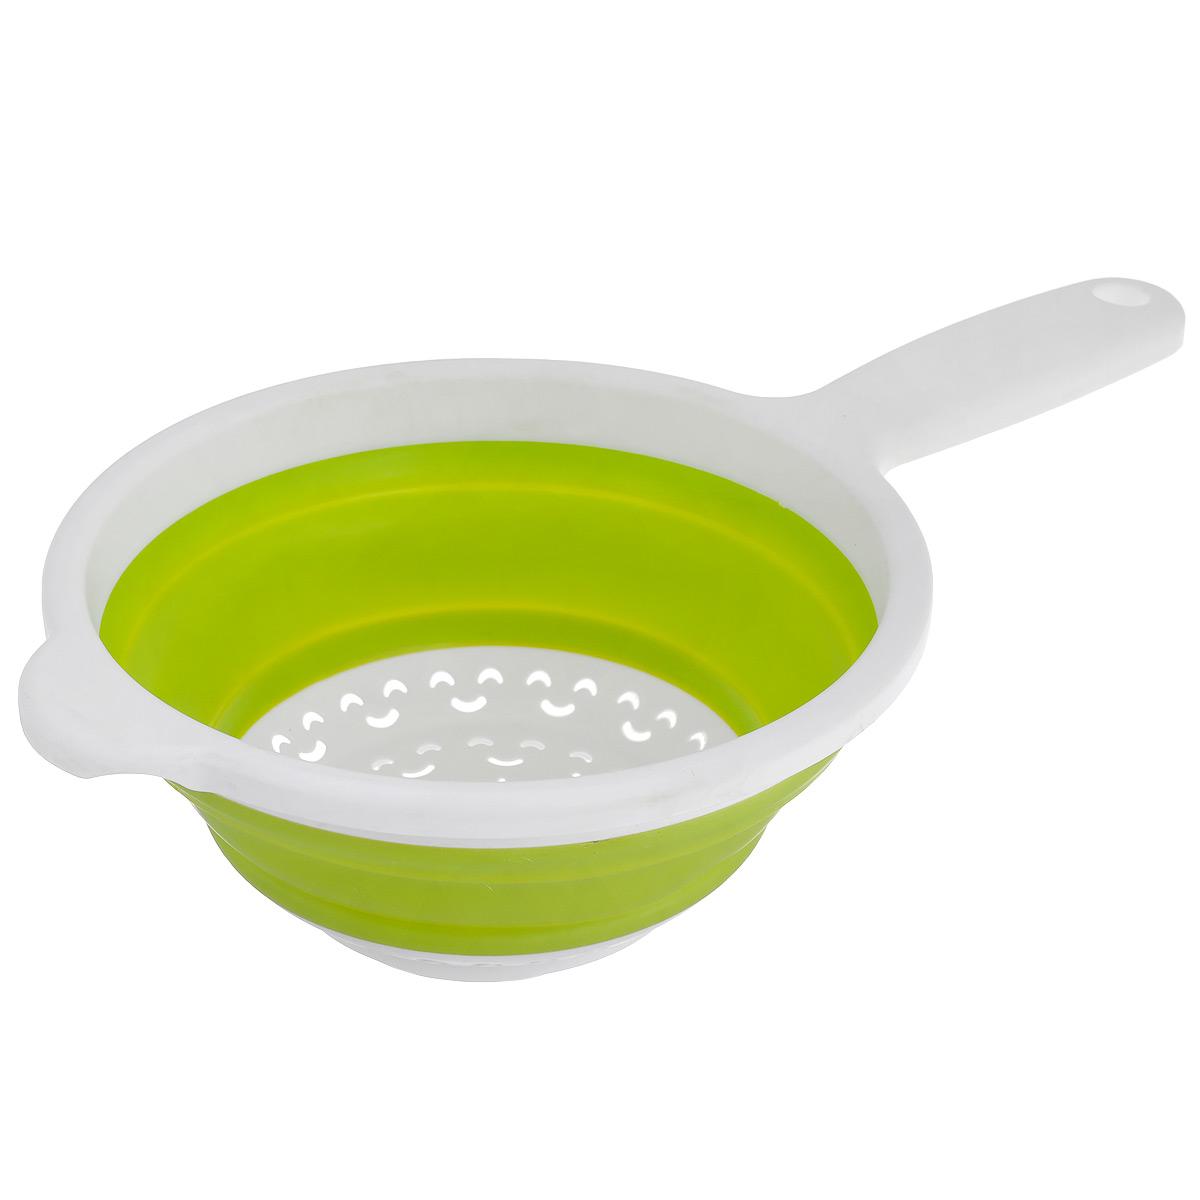 Дуршлаг складной Neo Way, цвет: белый, салатовый, диаметр 20 см9046_белый, салатовыйСкладной дуршлаг Neo Way станет полезным приобретением для вашей кухни. Он изготовлен из высококачественного пищевого силикона и пластика. Дуршлаг оснащен удобной эргономичной ручкой со специальным отверстием для подвешивания. Изделие прекрасно подходит для процеживания, ополаскивания и стекания макарон, овощей, фруктов. Дуршлаг компактно складывается, что делает его удобным для хранения.Можно мыть в посудомоечной машине.Диаметр (по верхнему краю): 20 см.Максимальная высота: 8,5 см.Минимальная высота: 3 см.